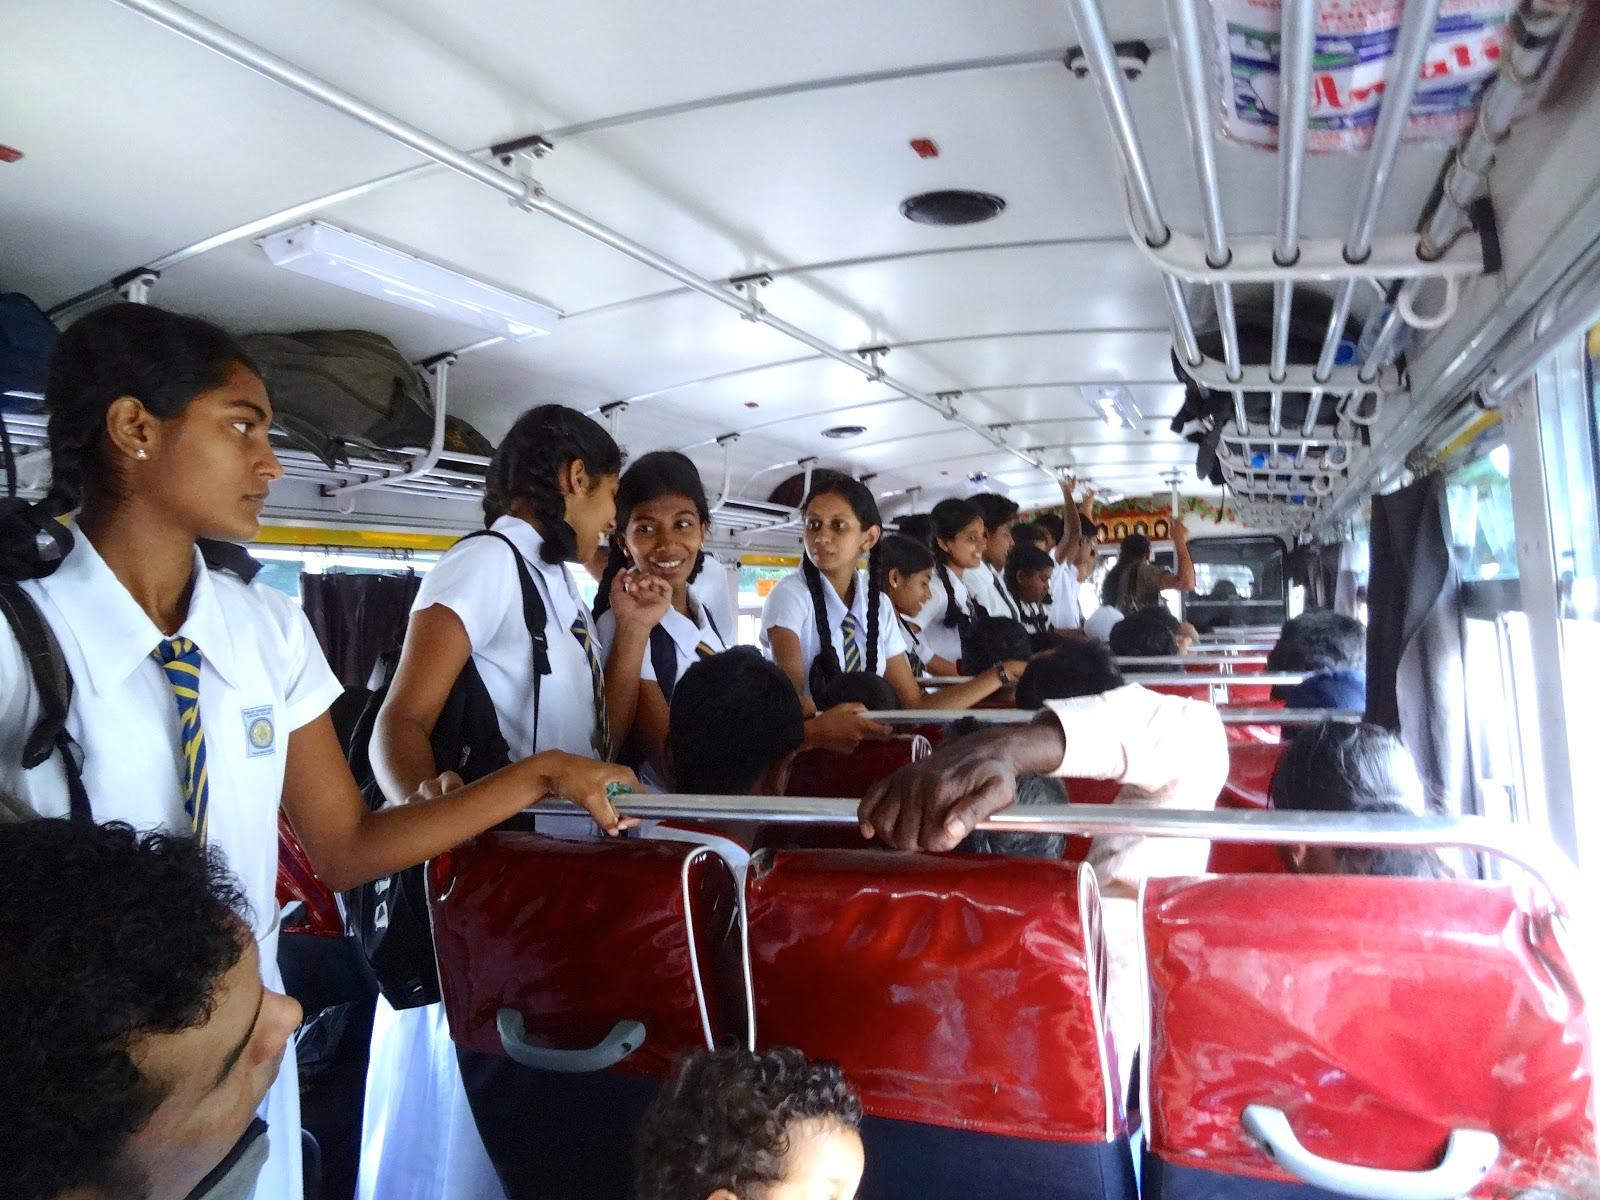 xxx sex image in school bus